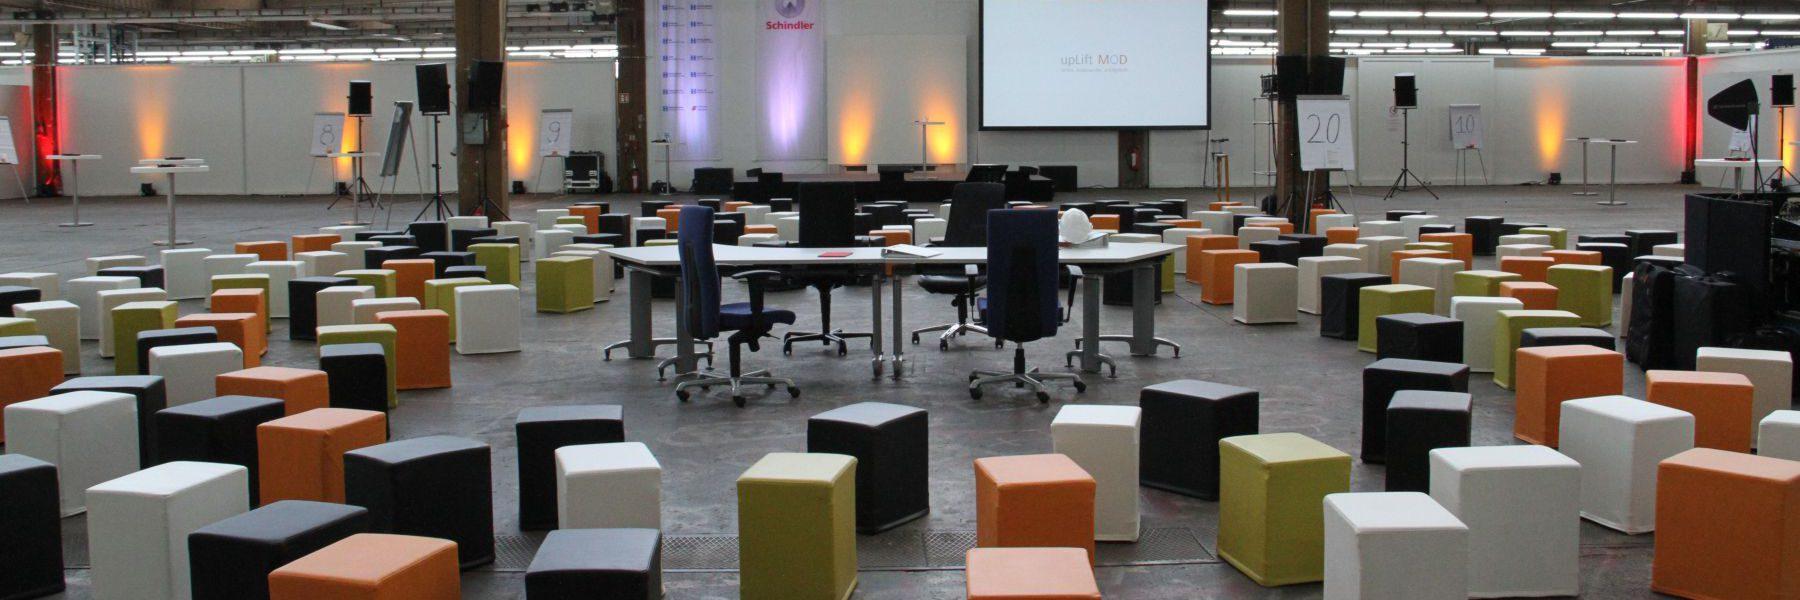 SWOOFLE Mietmöbel Europaweit Overnight - in Industriehalle bunt gewürfelt